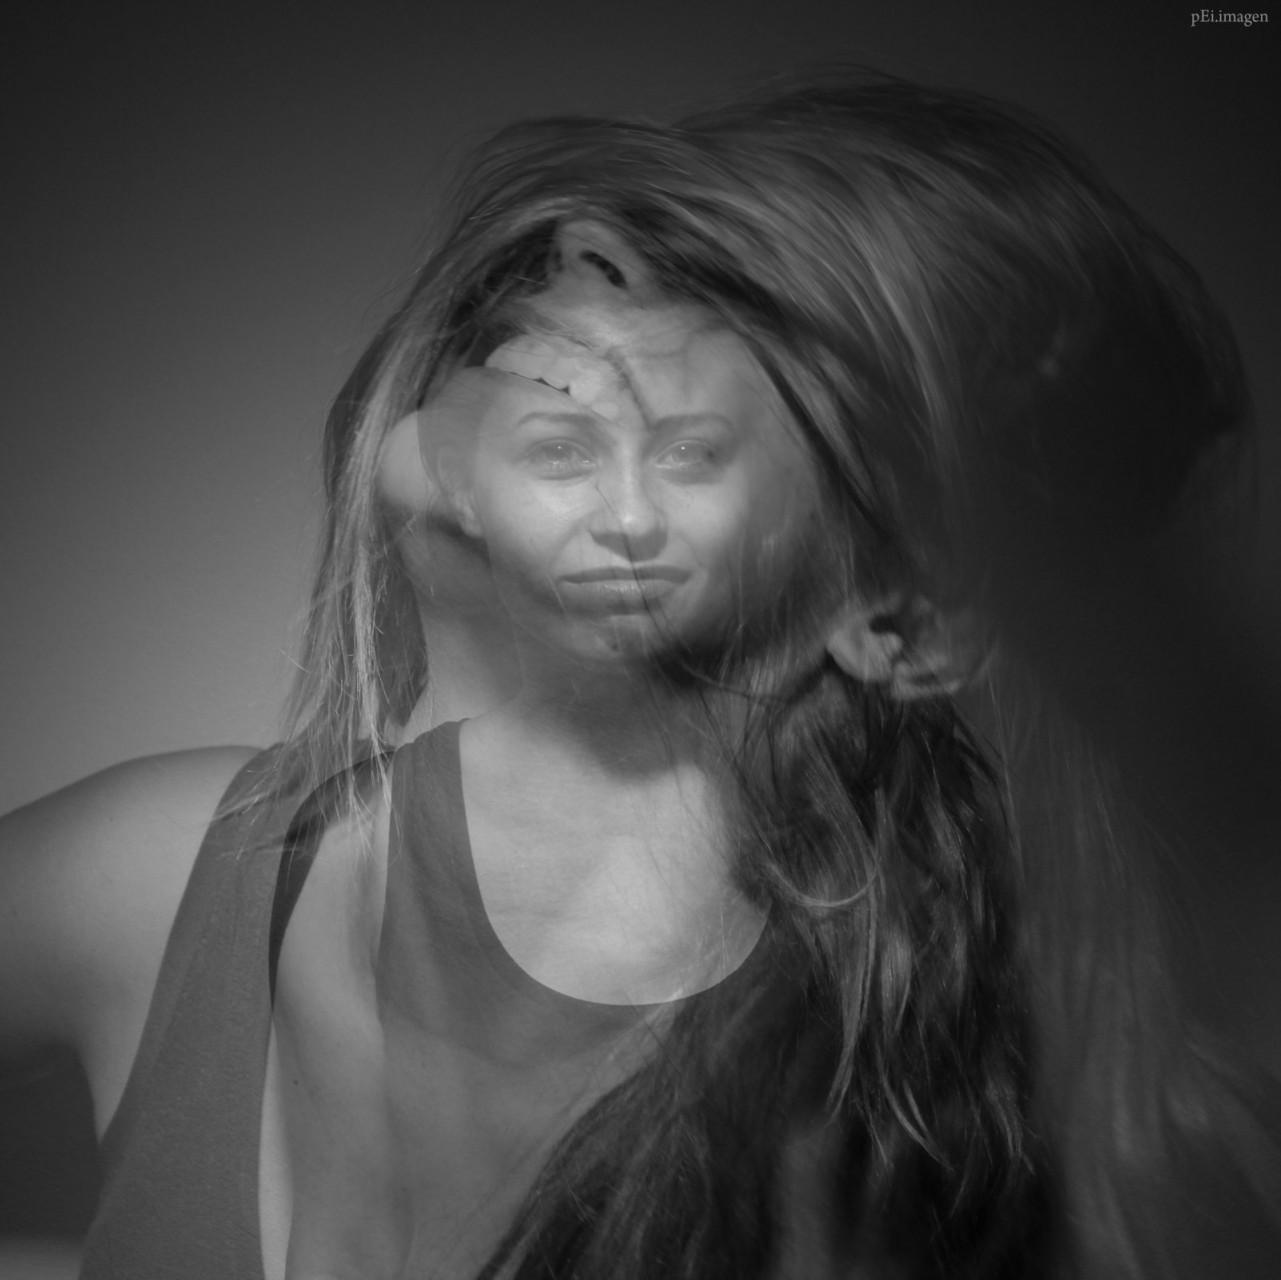 peipegata me myself I proyectos fotografia peipegatafotografia # 040 Tania Delgado